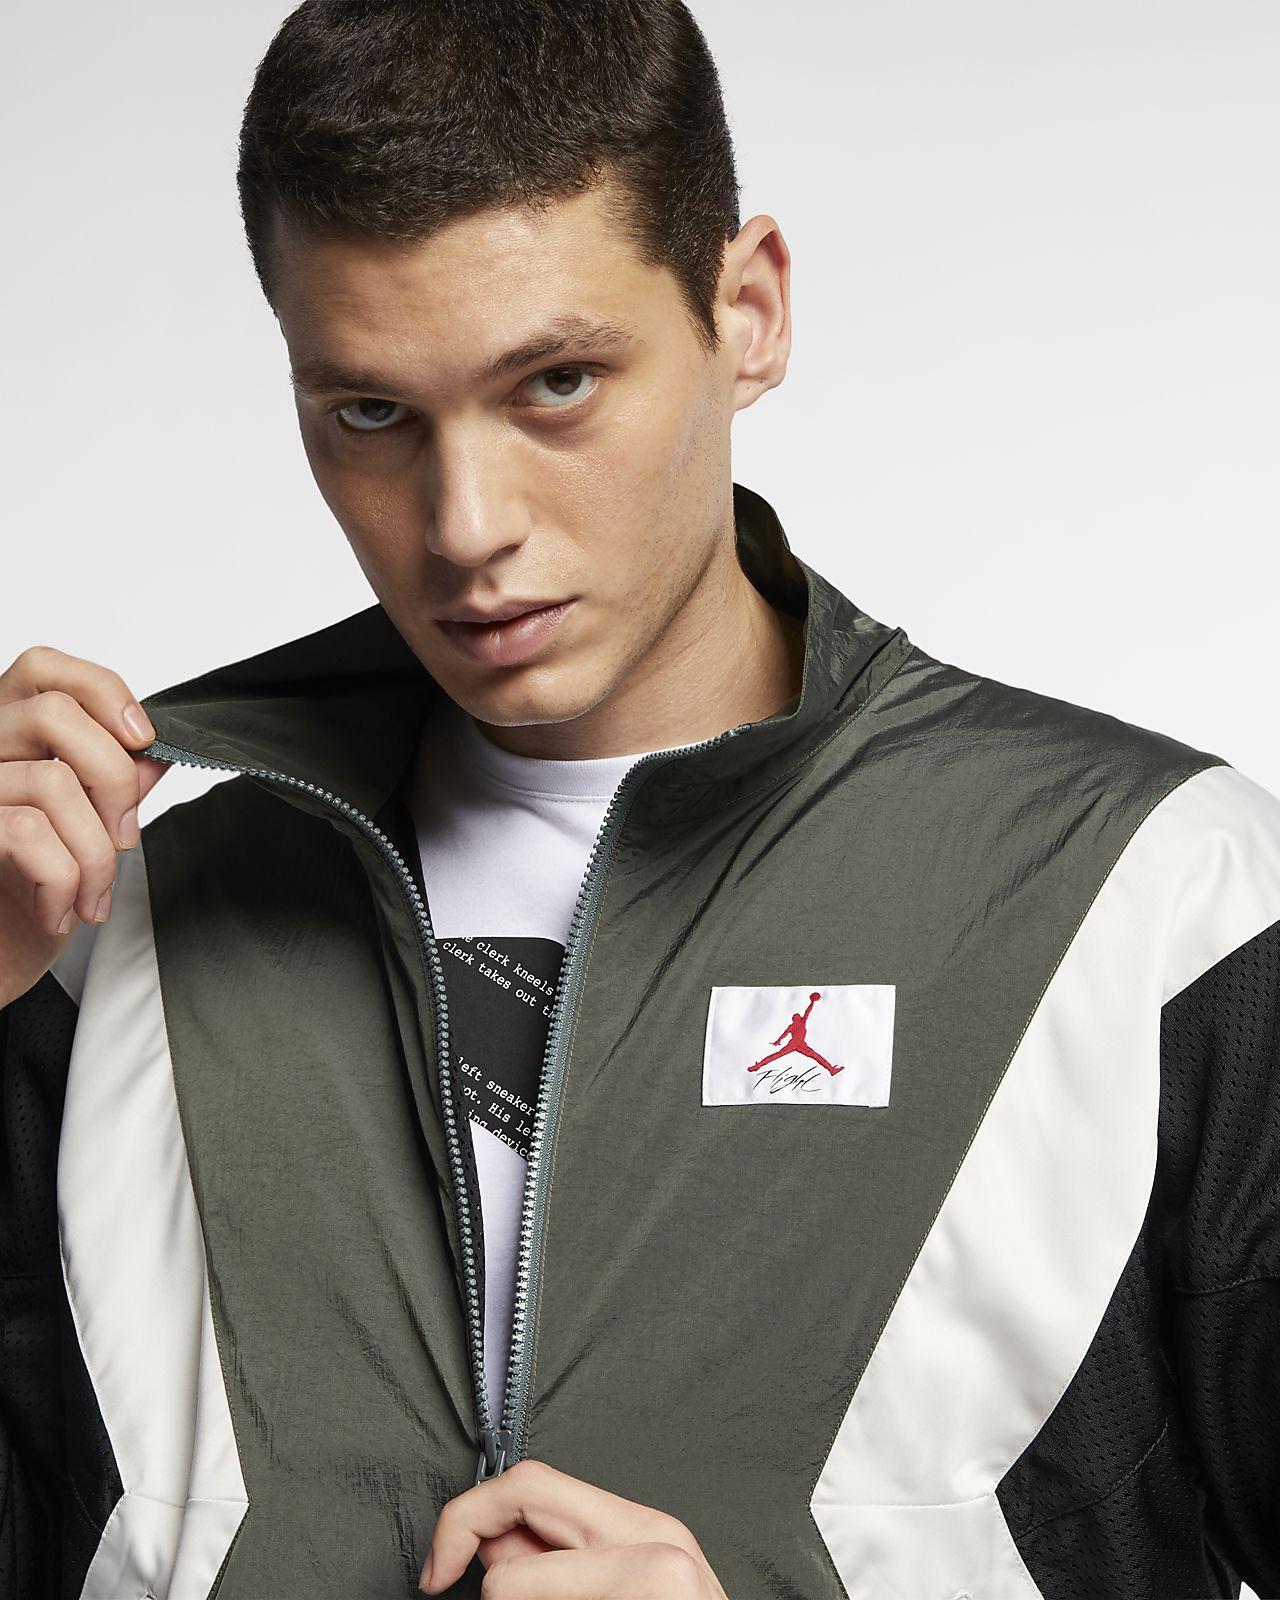 d0228f1a8 Jordan Flight 'AJ 5' Lightweight Warm-Up Jacket. Nike.com AU